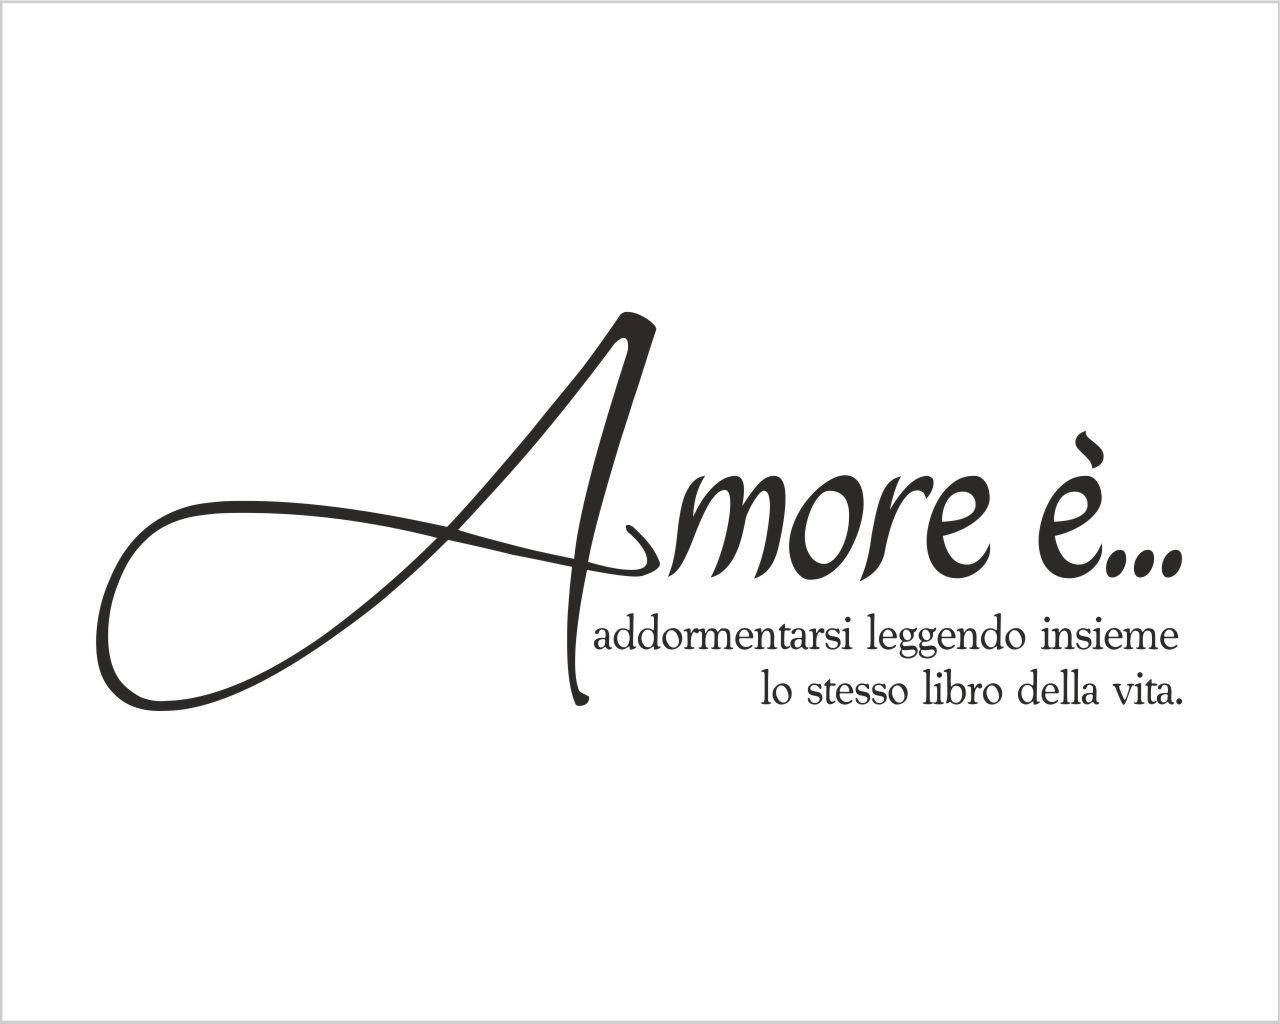 Frase Adesiva Amore E Addormentarsi Adesivo Murale Interni